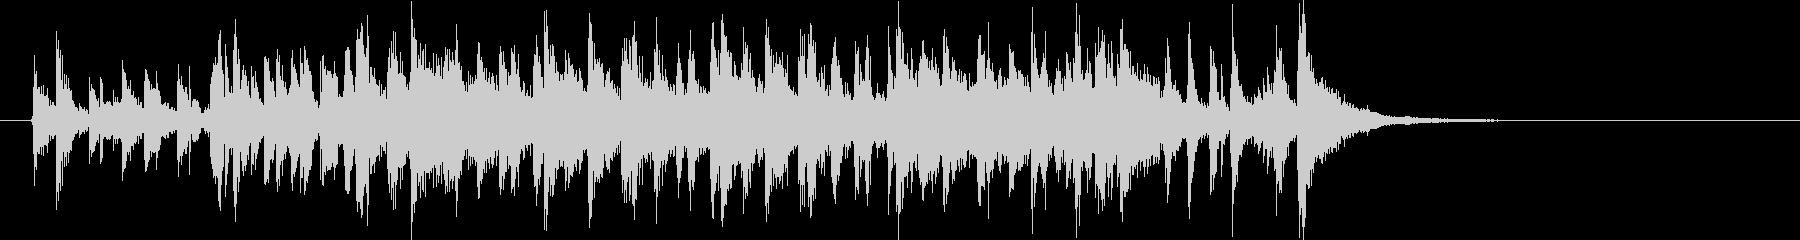 懐かしい雰囲気のオシャレなレトロポップの未再生の波形